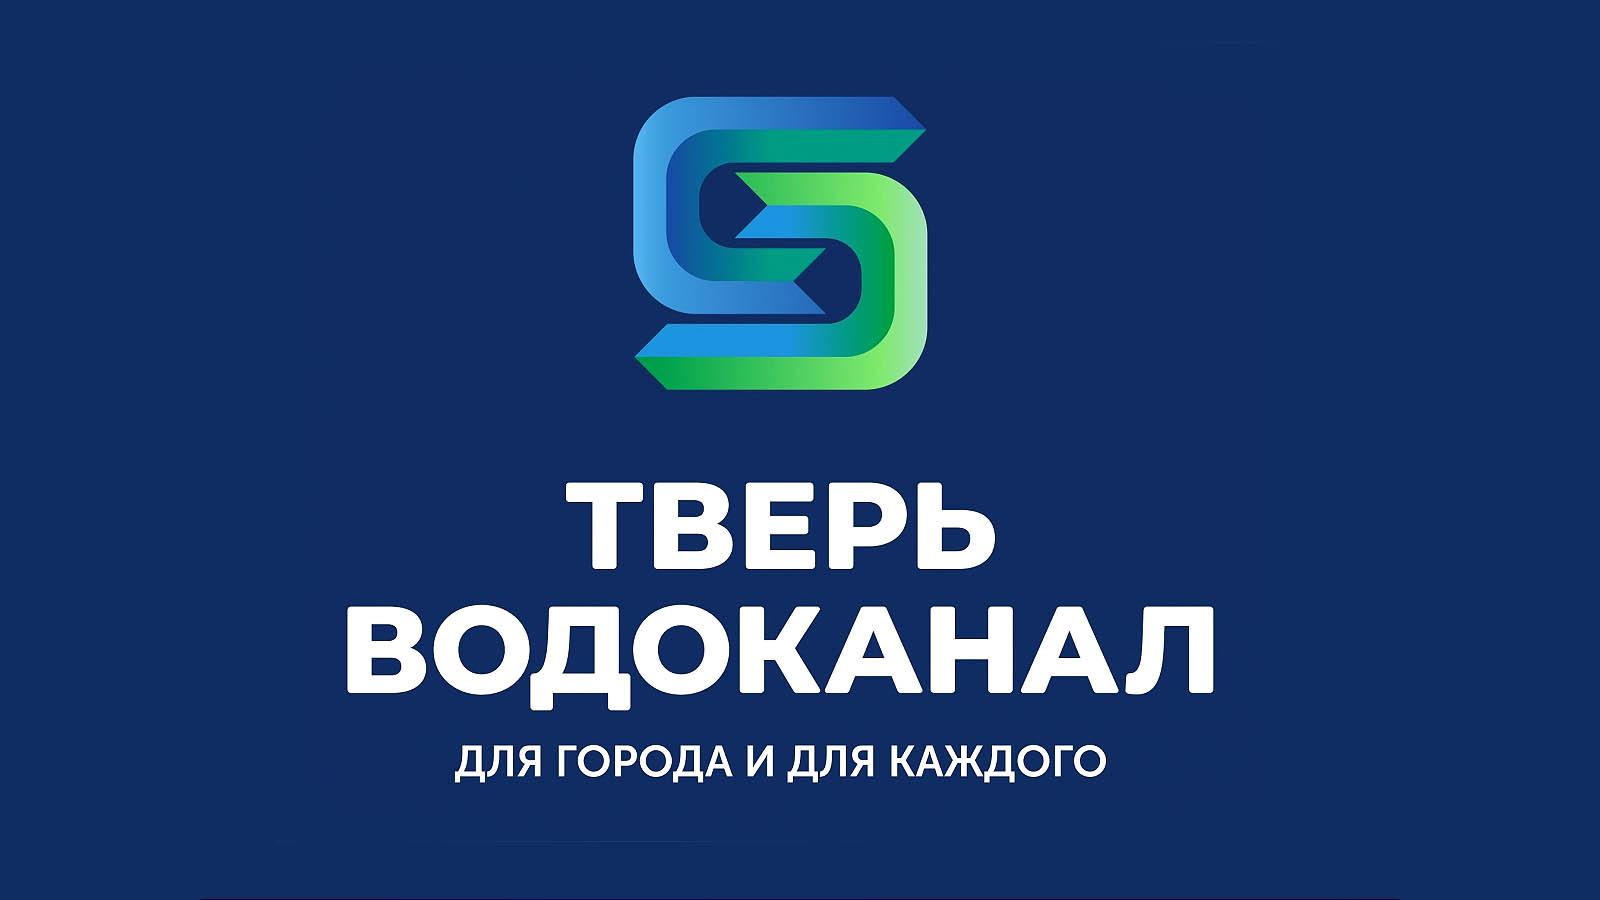 Итоги года подвел директор ООО «Водоканал» в Твери